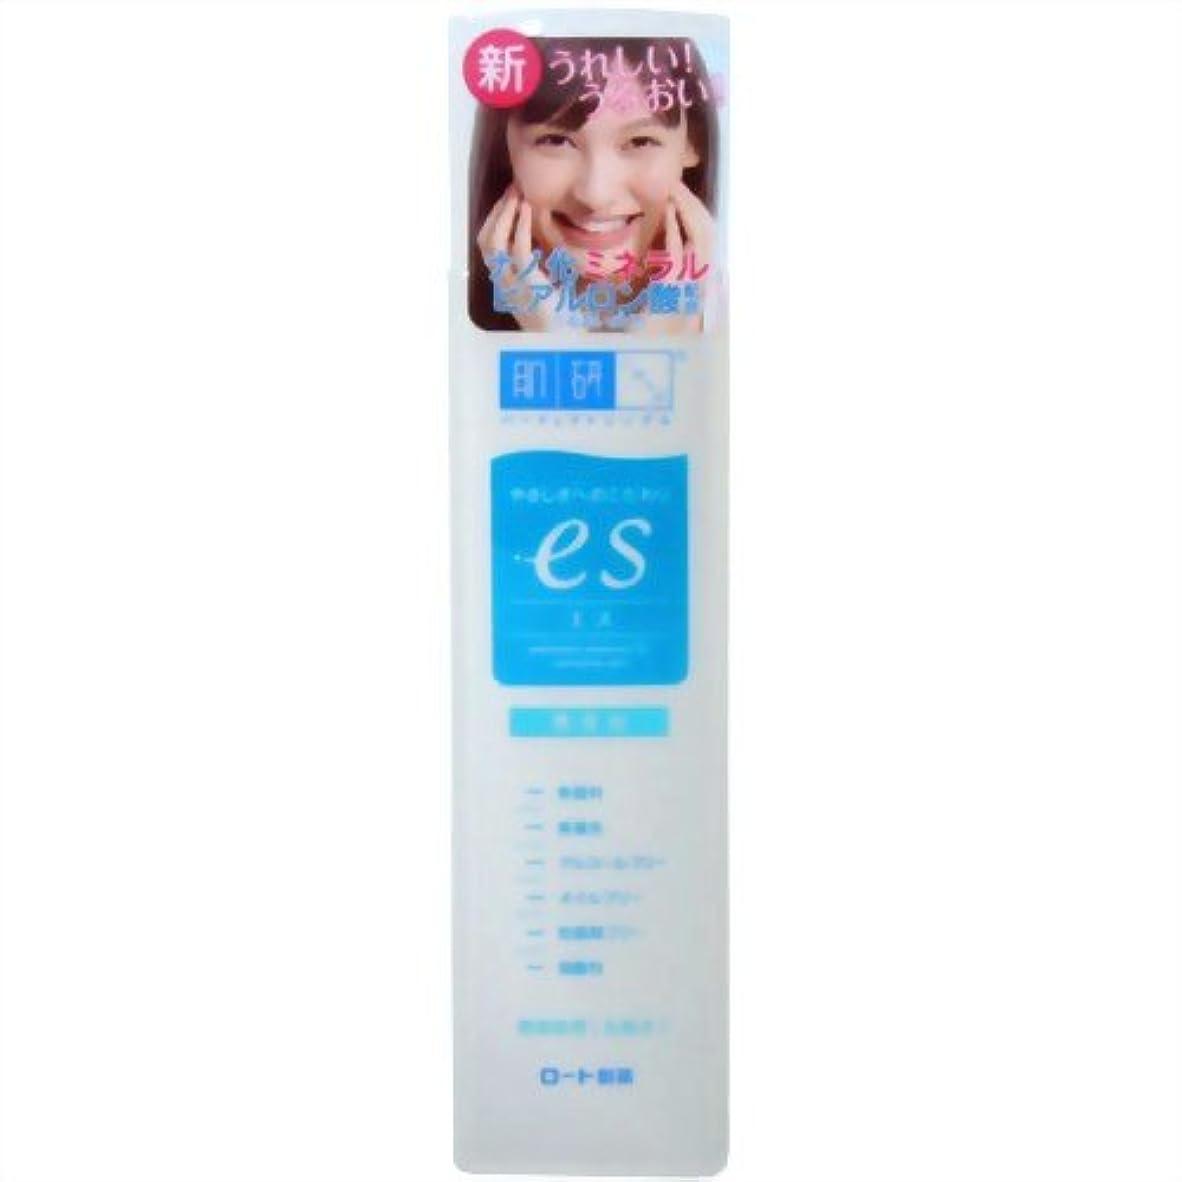 ダイエットシンカンピンク肌ラボ es(エス) ナノ化ミネラルヒアルロン酸配合 無添加処方 化粧水 170mL